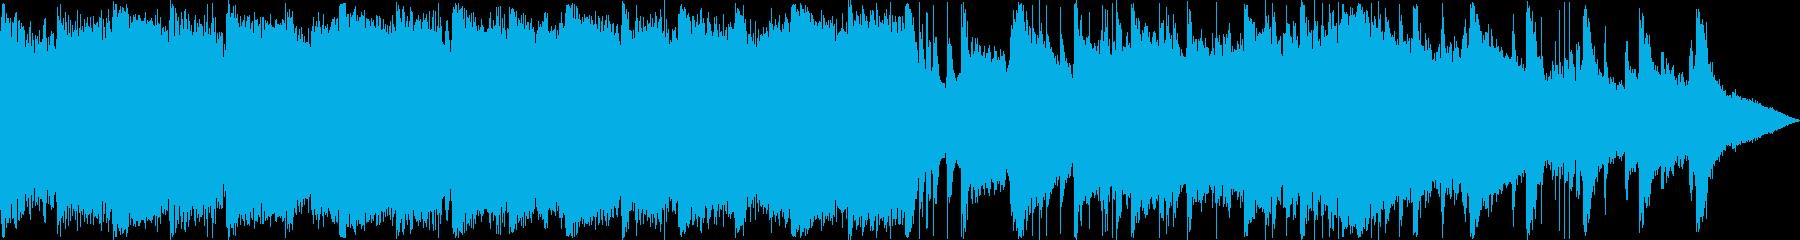 和楽器によるゆったりとした日本風BGMの再生済みの波形